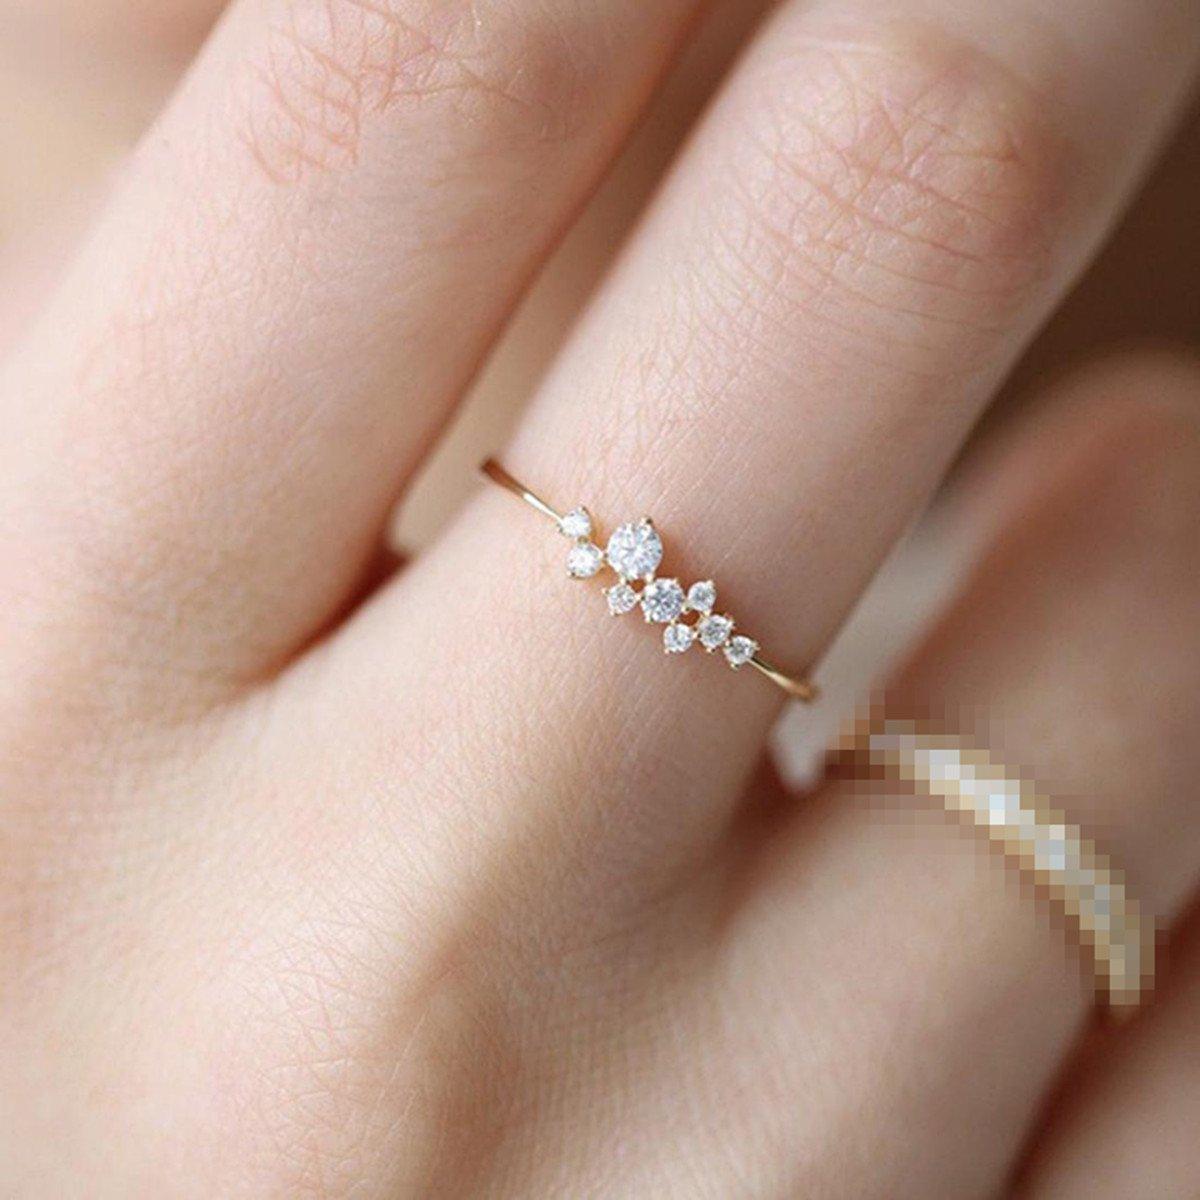 Diamond Flower Ring,Sunward Crystal Diamond Engagement Wedding Ring for Women Girl Size 6-10 (Gold, 10)